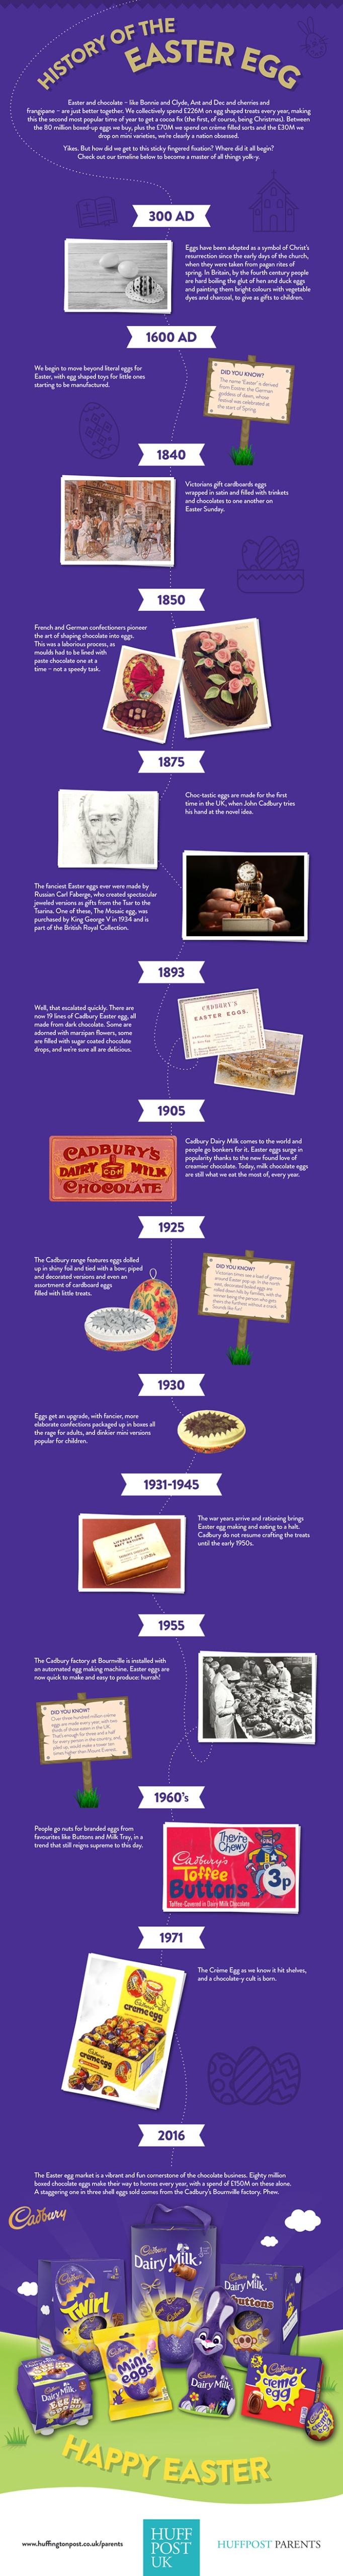 History of Easter Egg